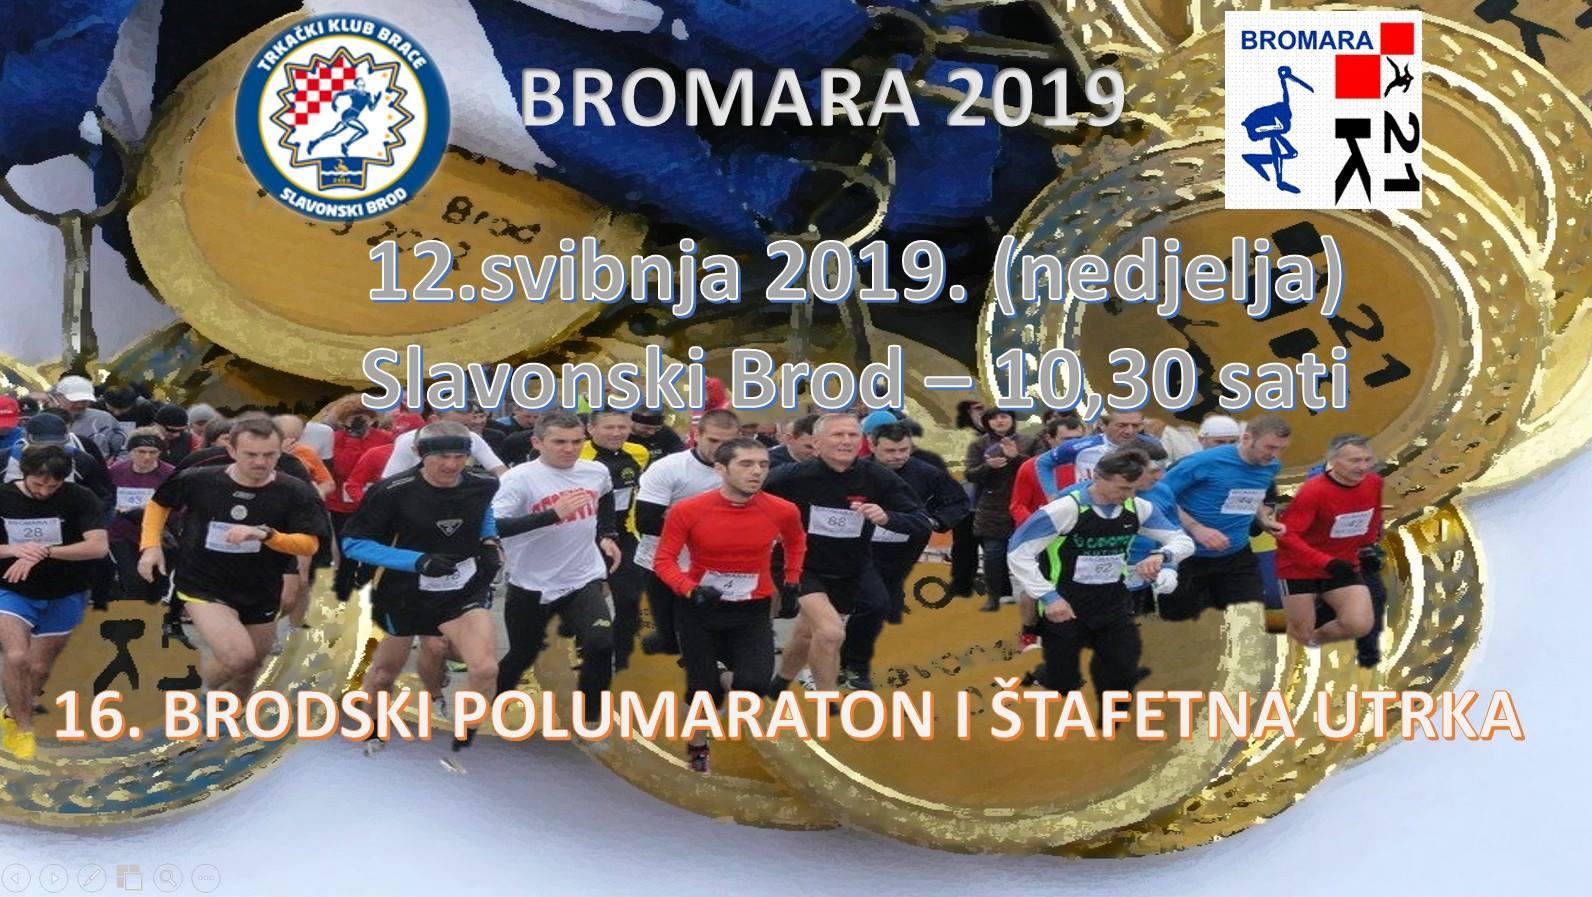 Bromara 2019